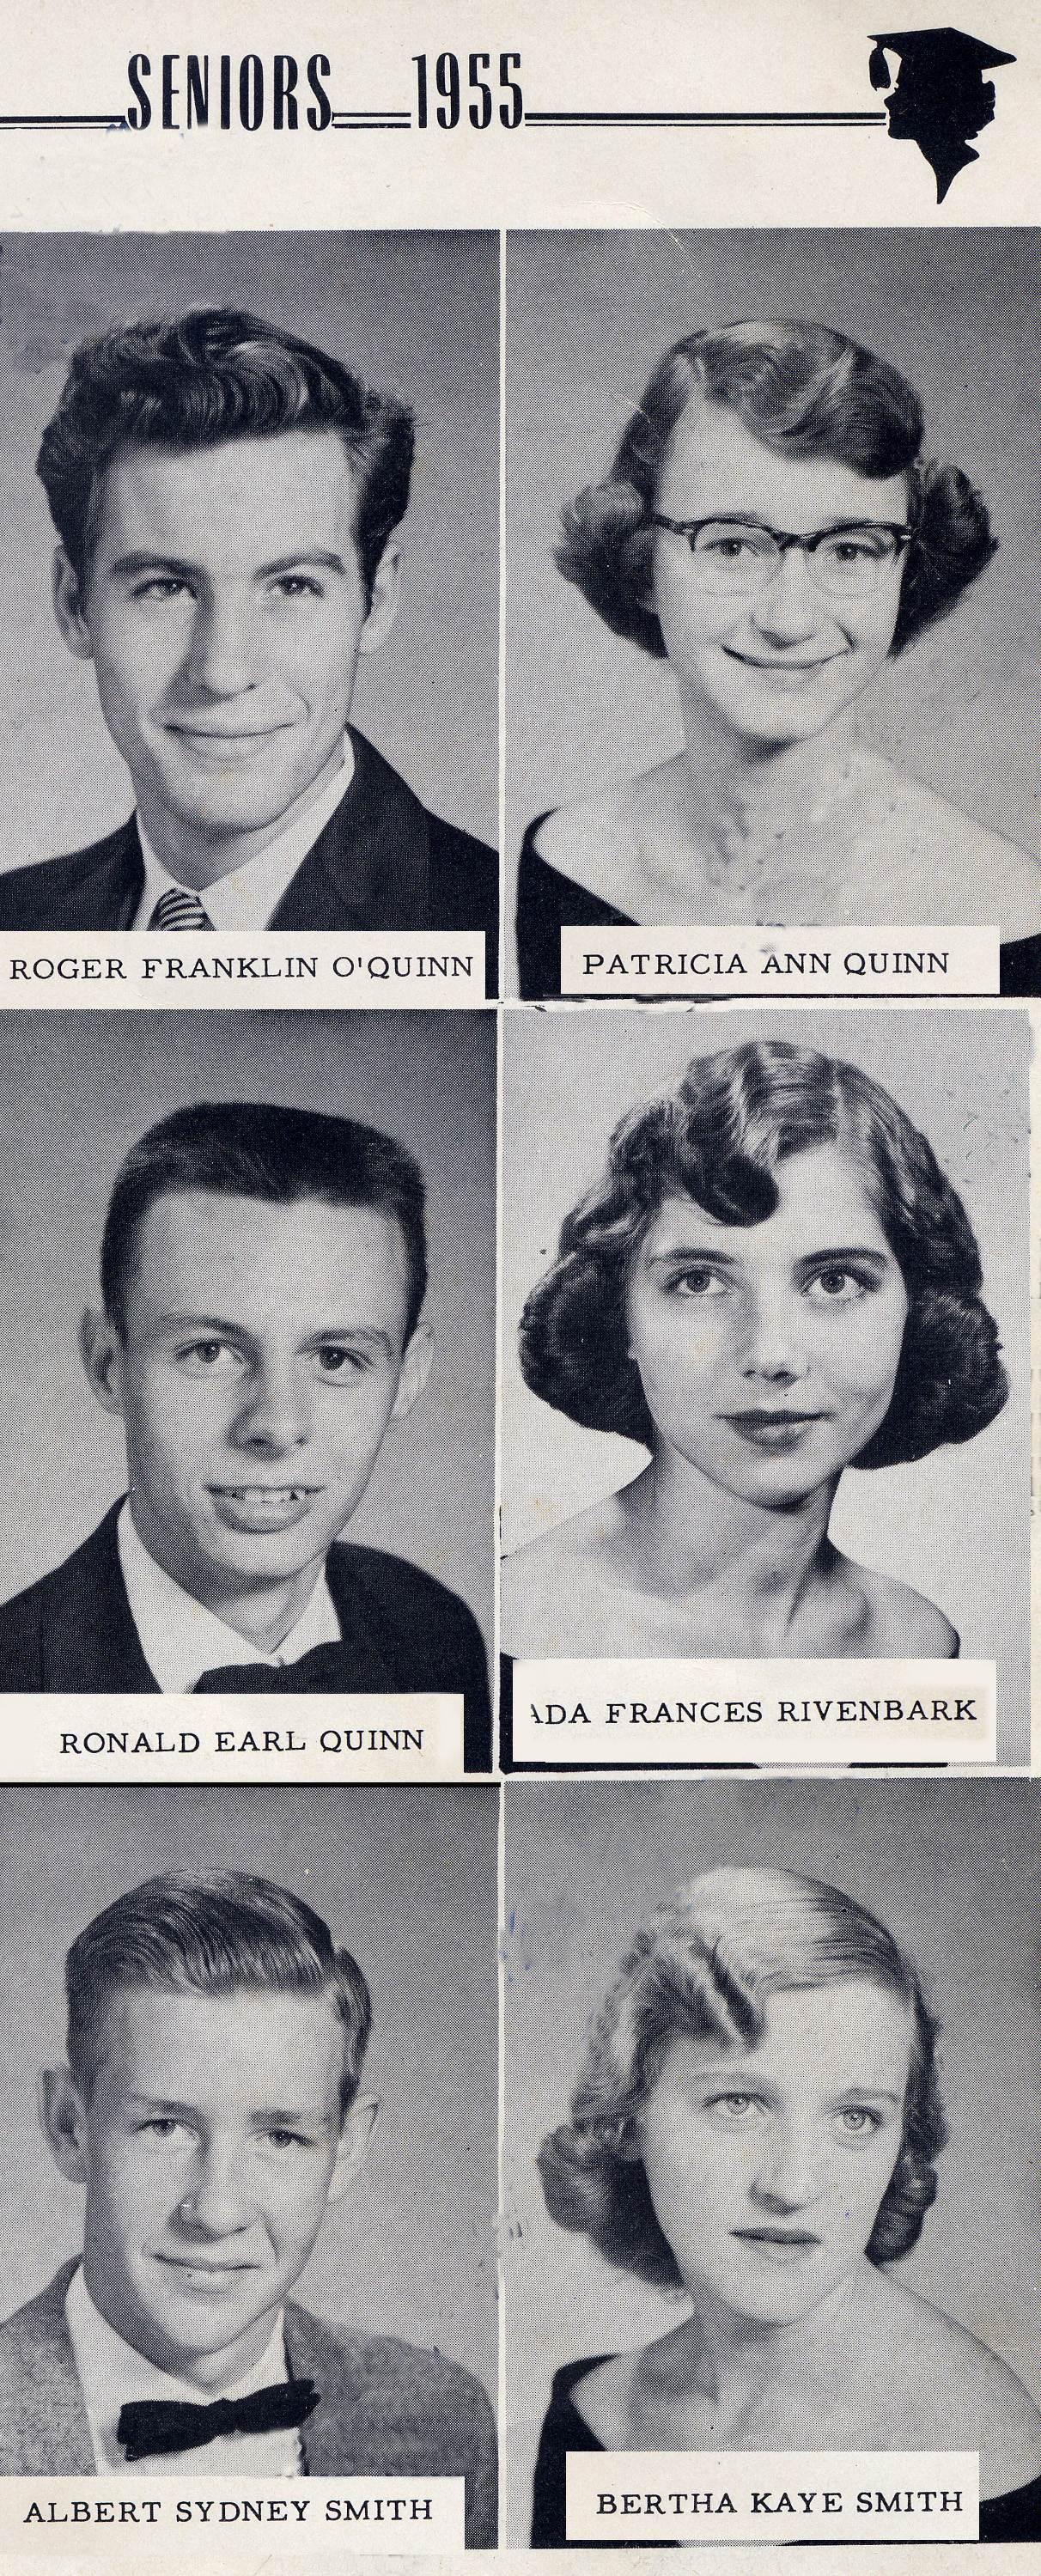 BFG 1955 Senior p 4